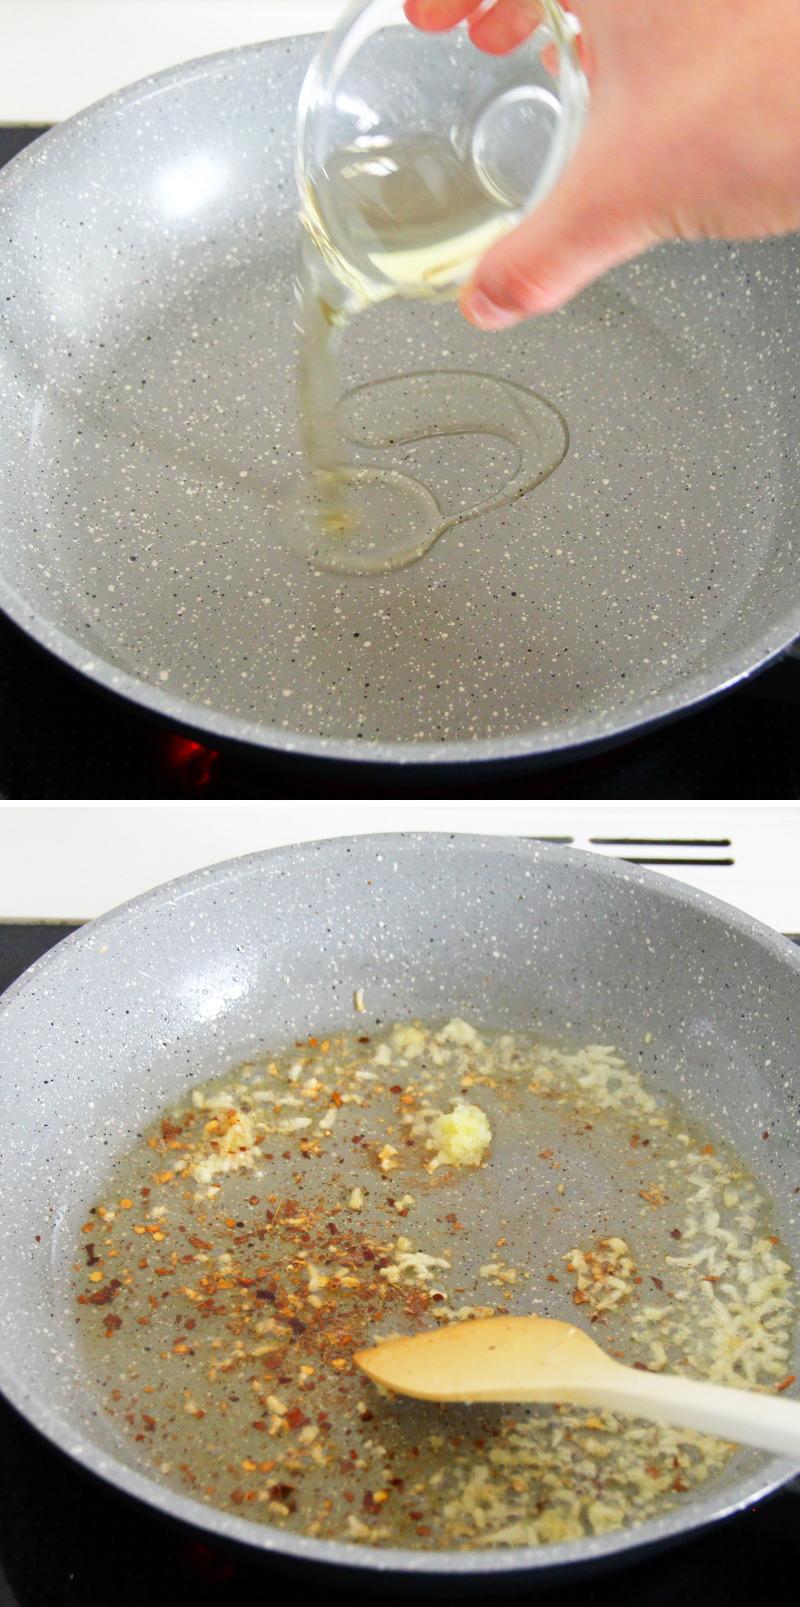 Mapo Tofu Schritt 7 Ingwer, Knoblauch und Chili anbraten